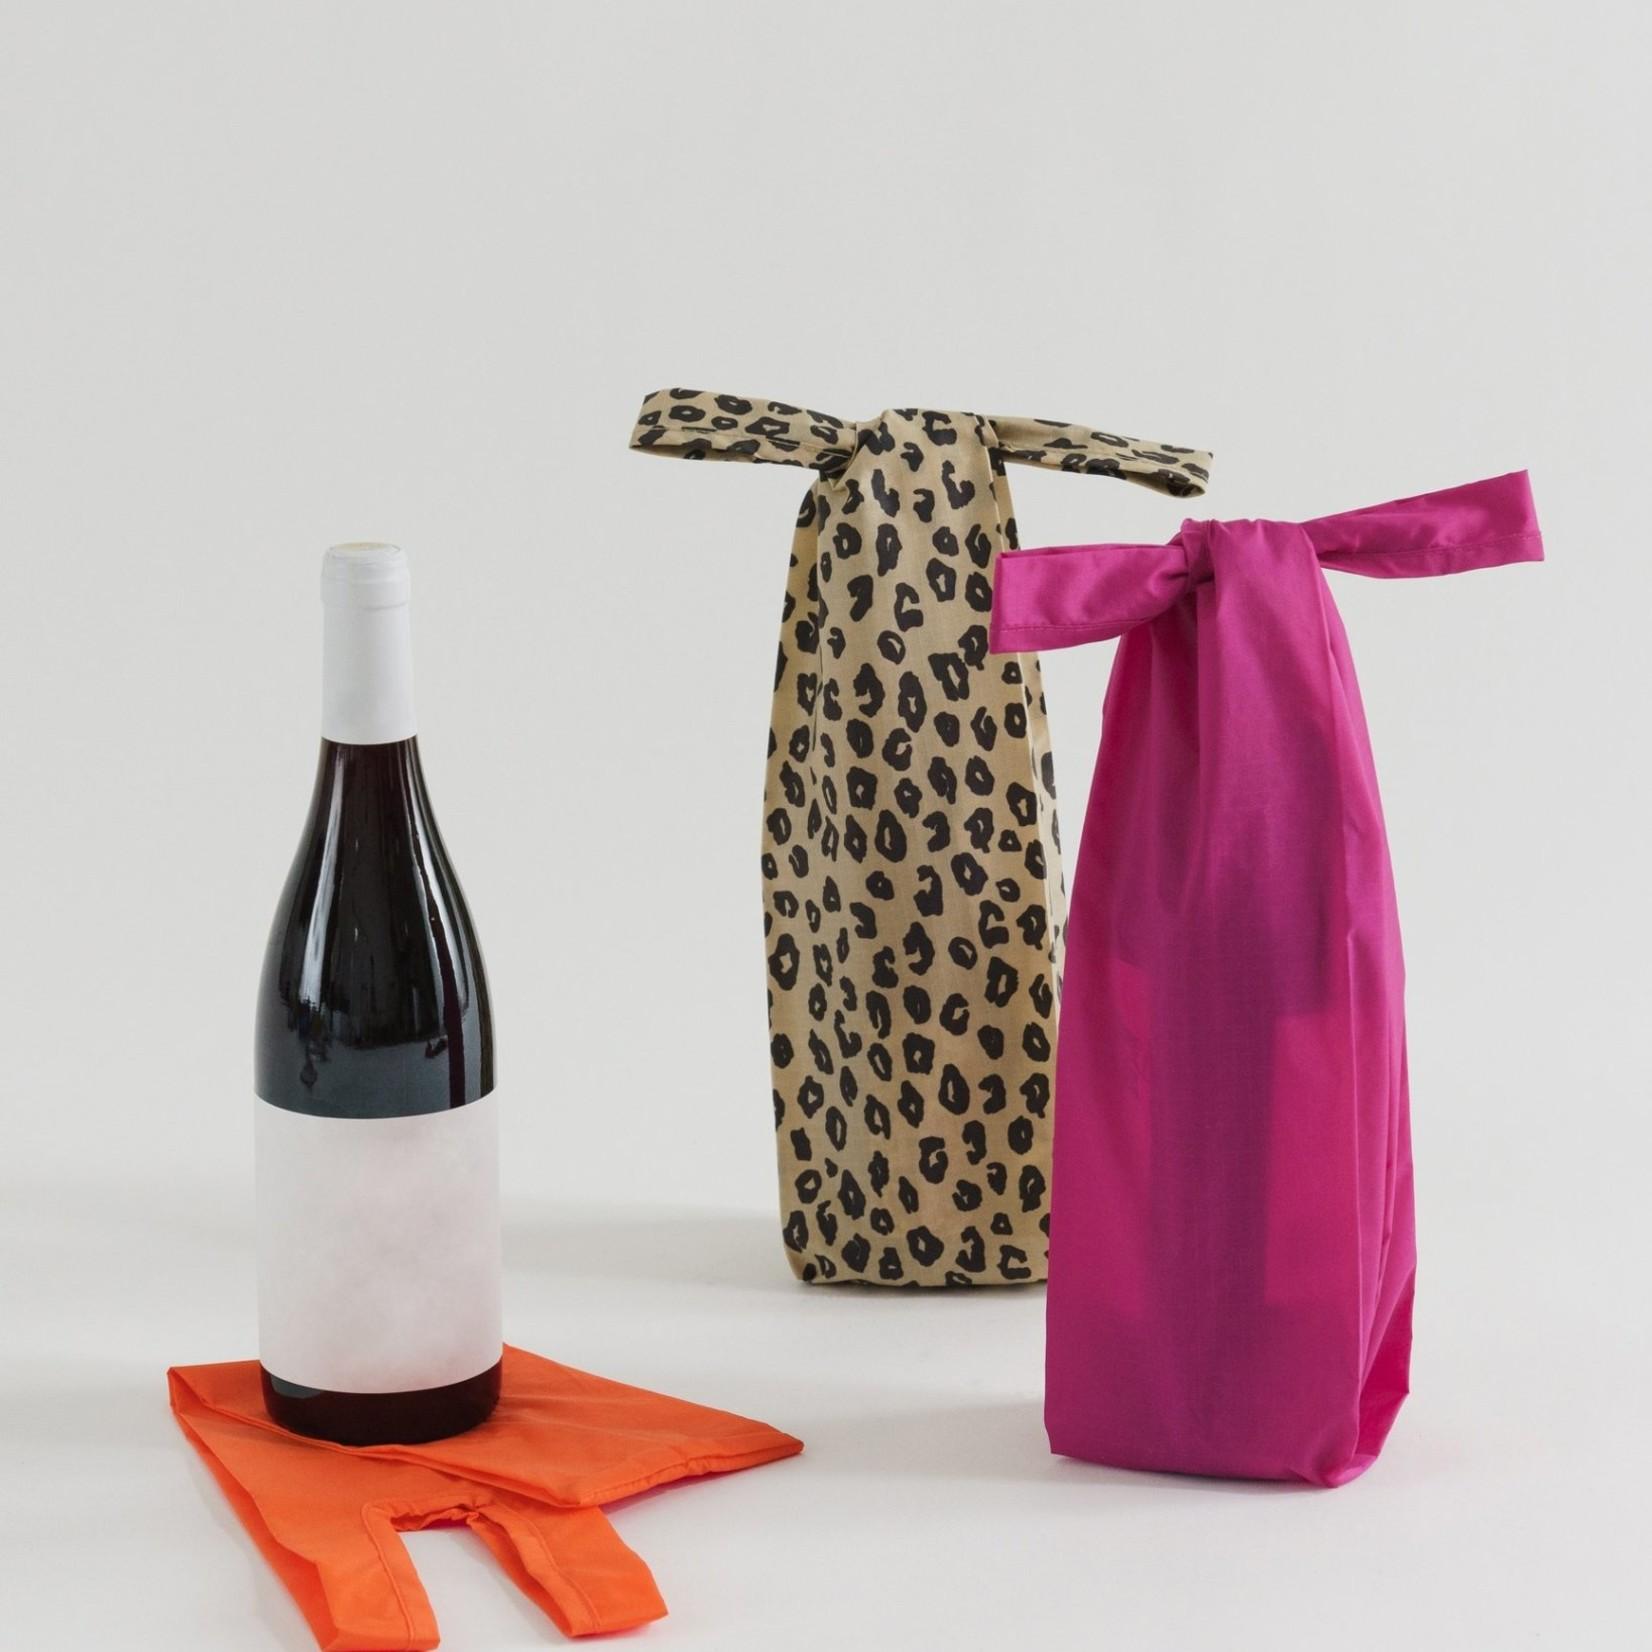 Baggu Baggu Reusable Wine Baggu Sunset Leopard Set of 3